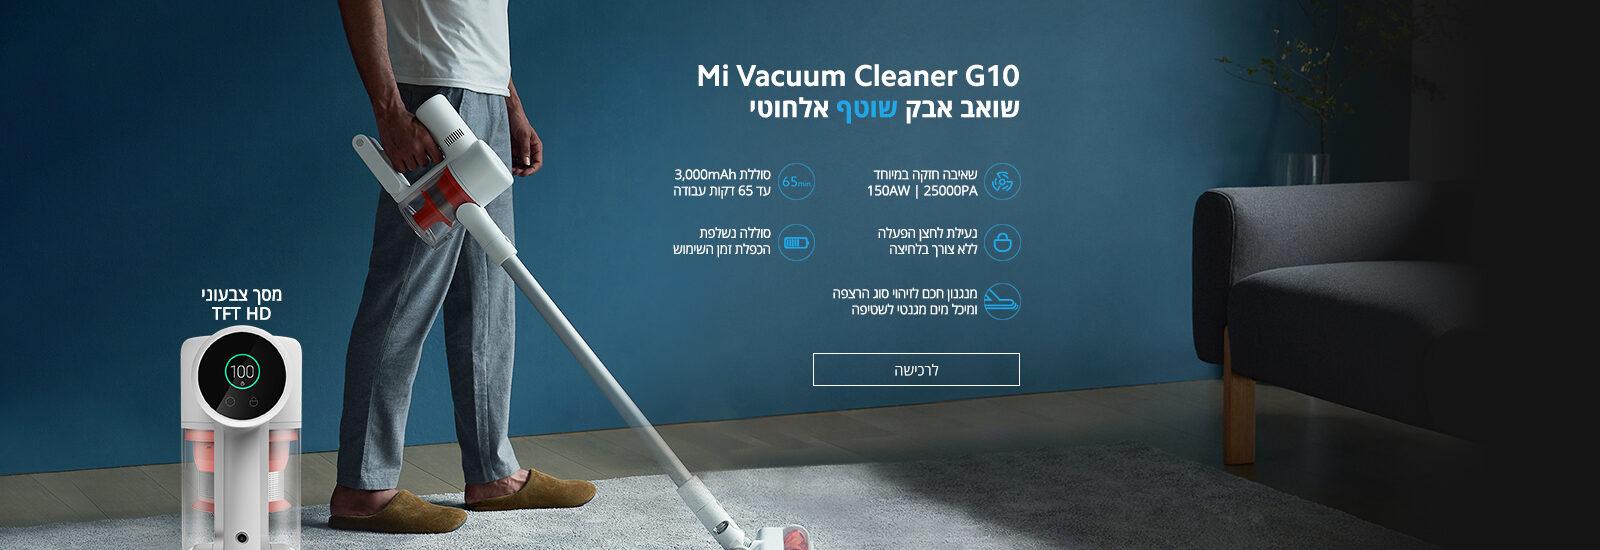 שואב אבק אלחוטי נטען שוטף דגם Mi Vacuum Cleaner G10